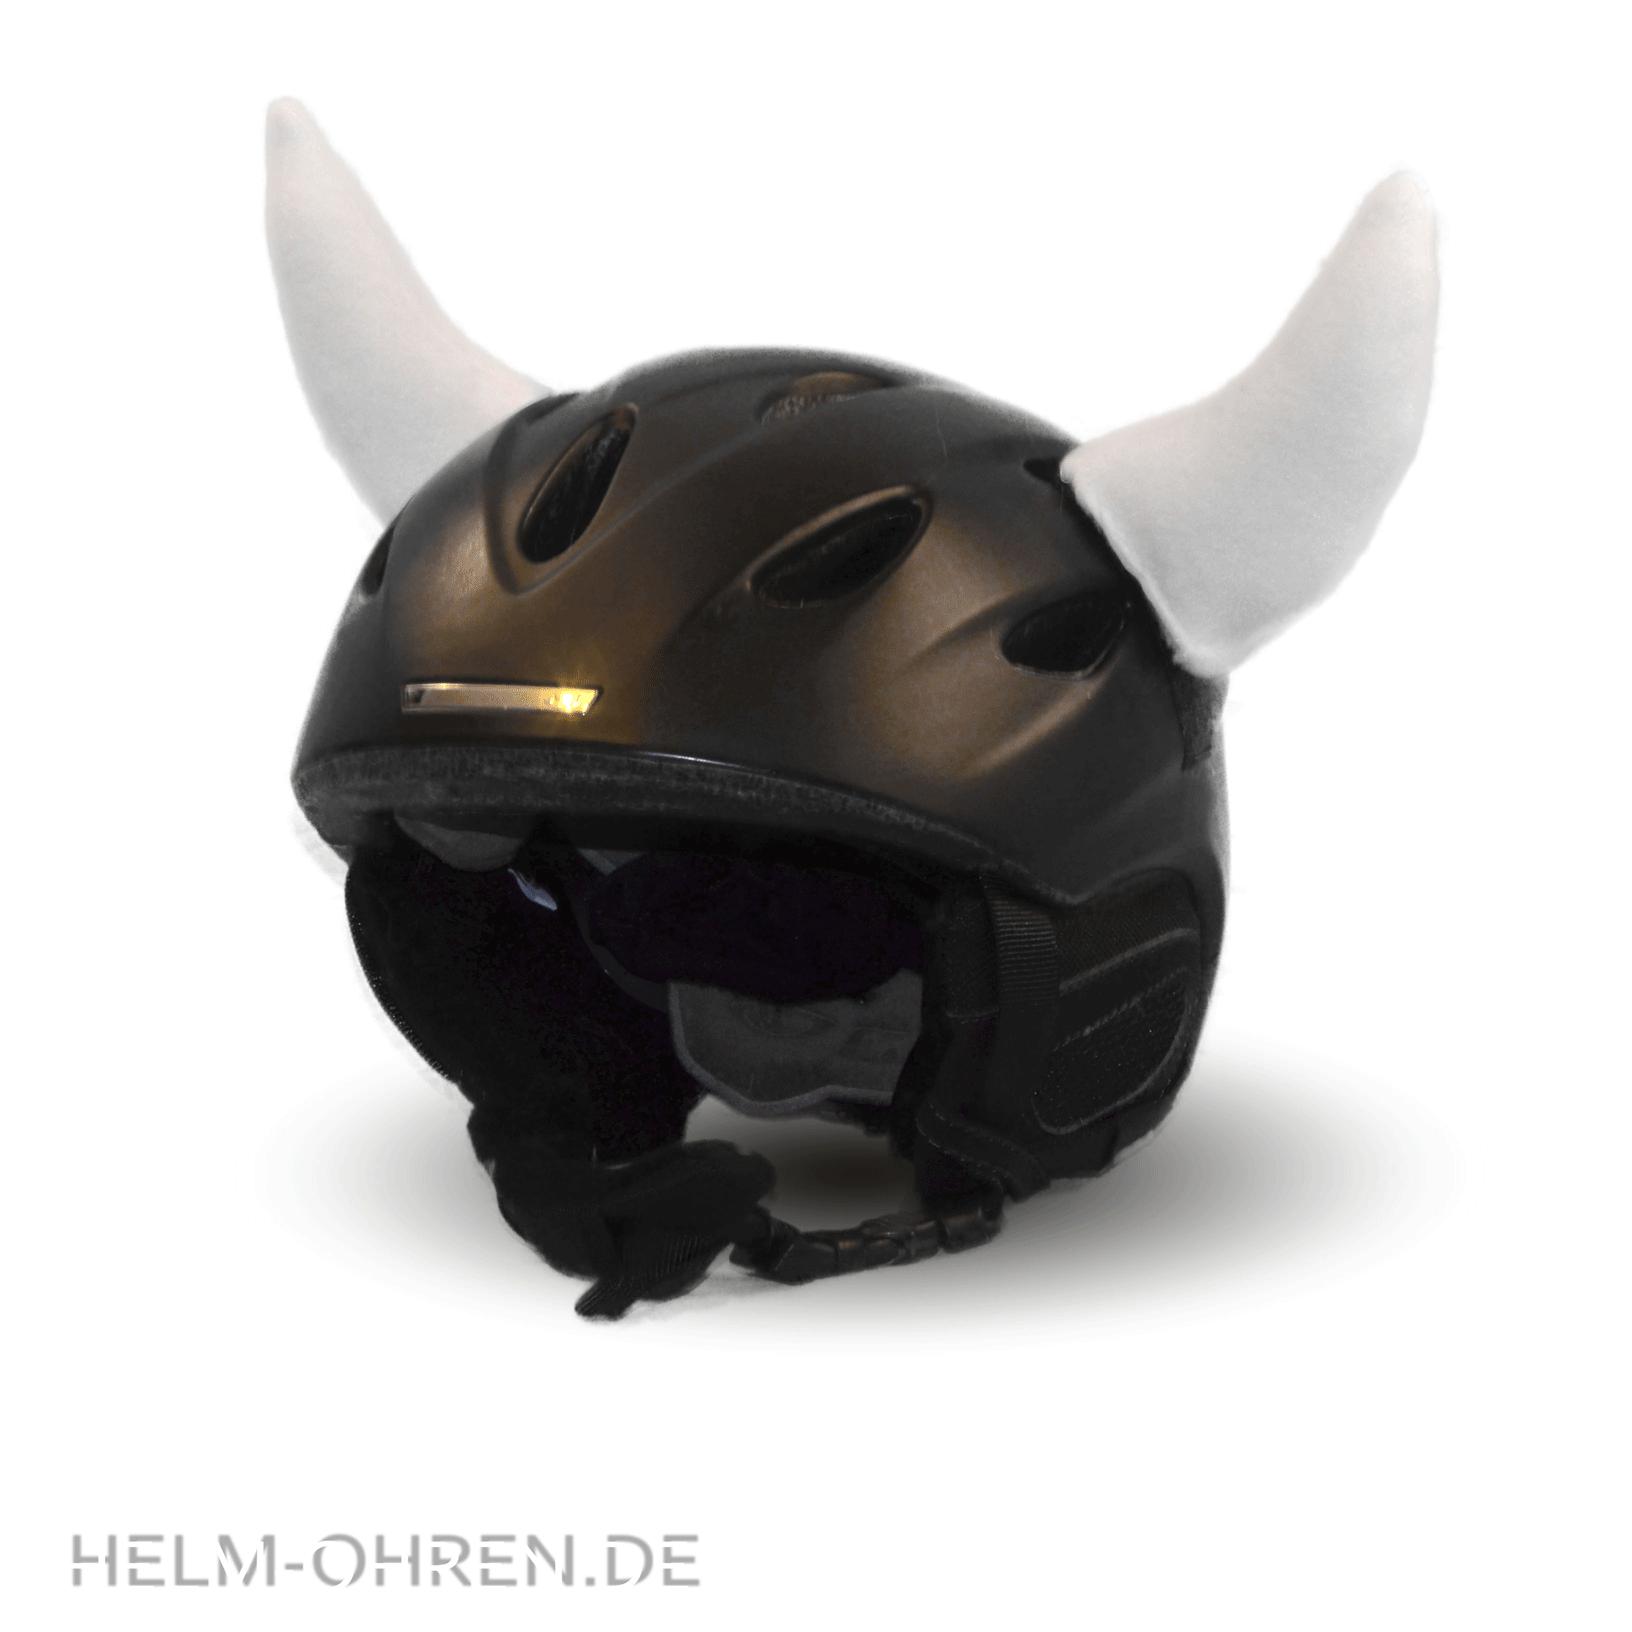 Helm// Skihelm// Snowboardhelm Farbauswahl Helmhörner //Hörner// Hörnchen Aufsatz f